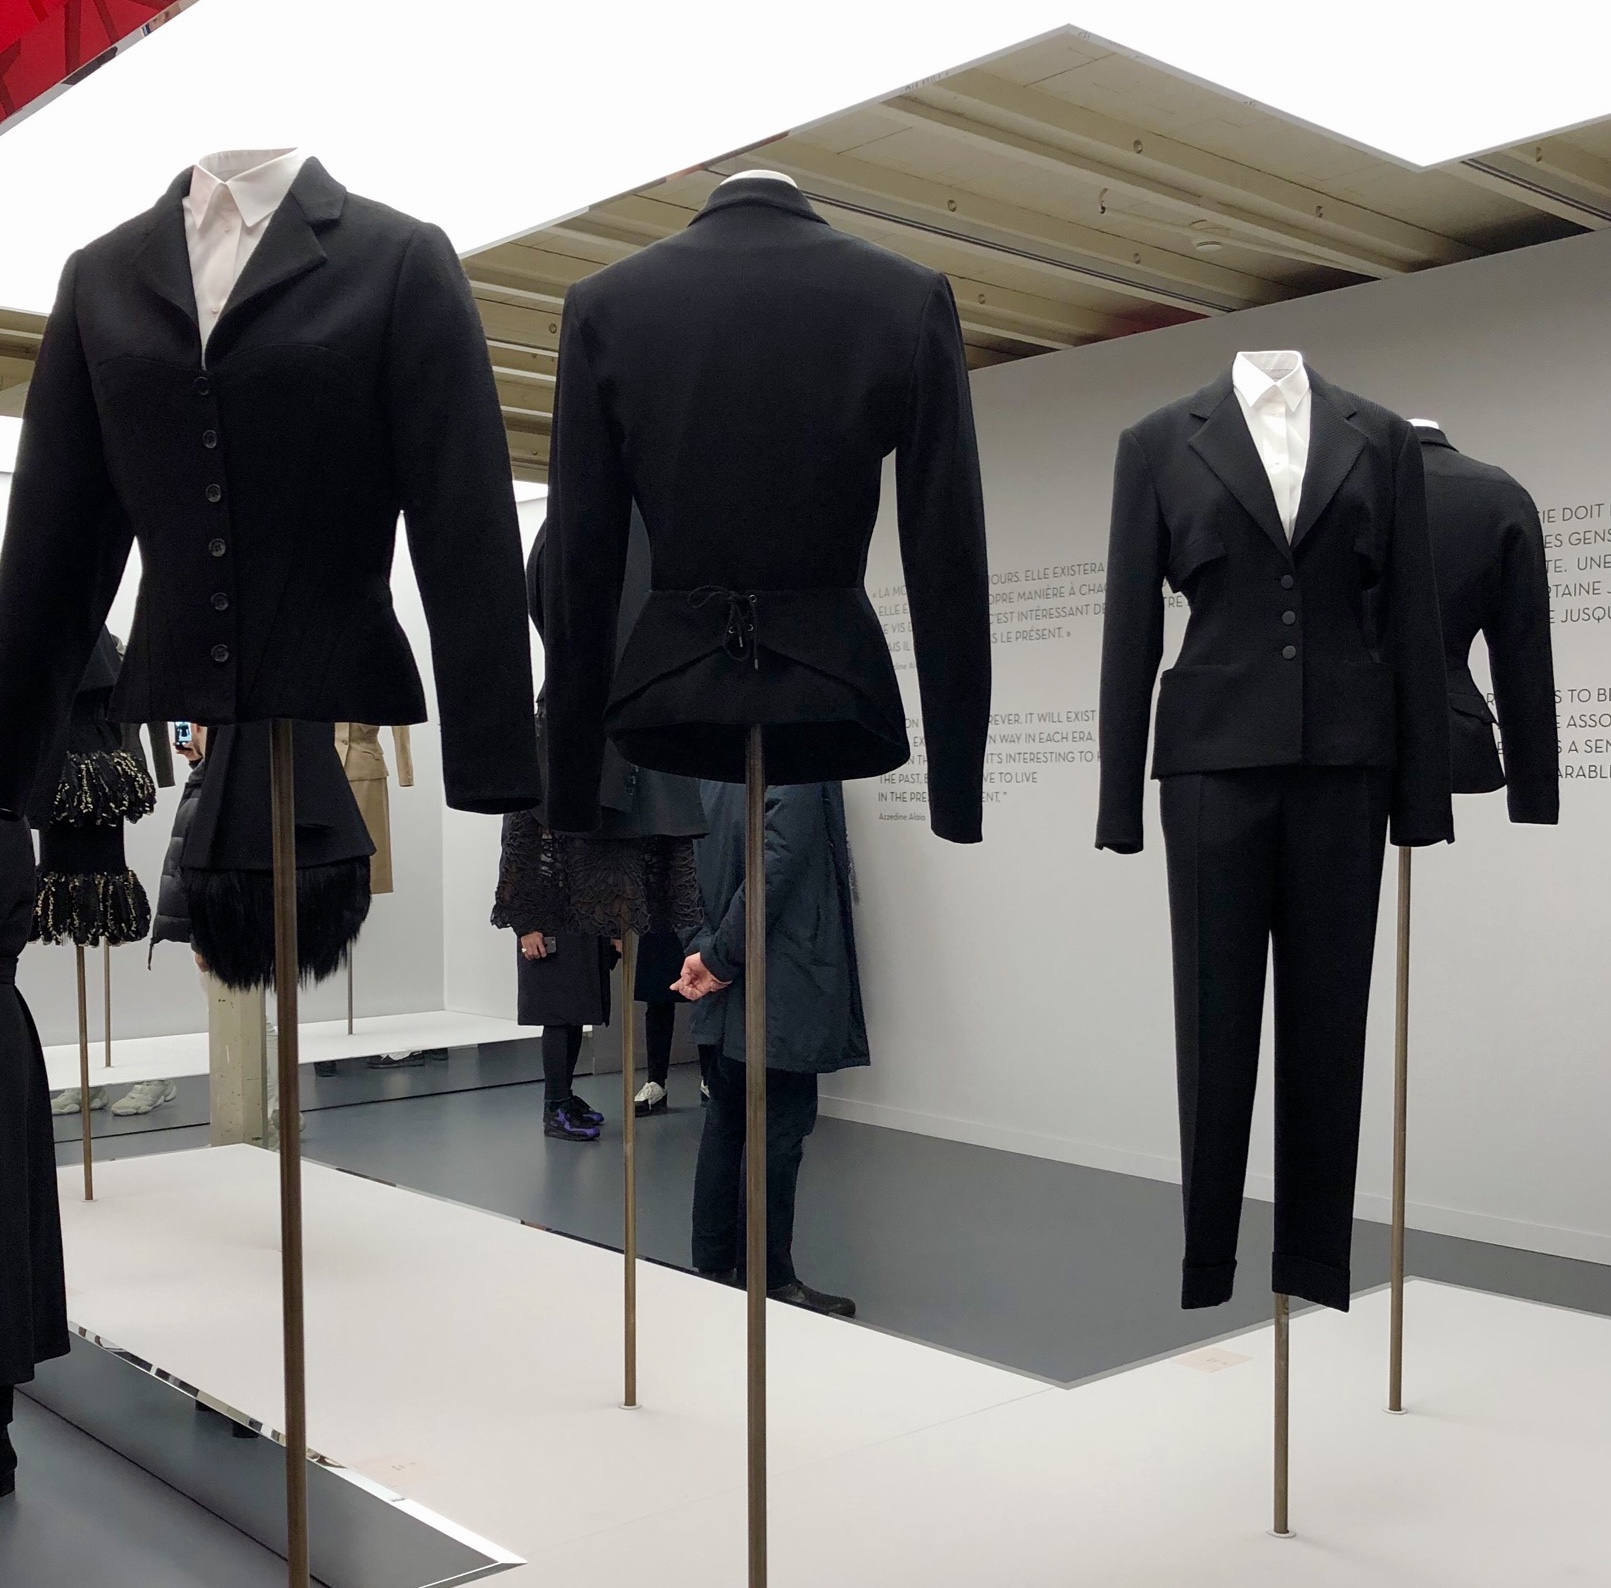 Photographie Christine BARBE. Fondation Azzedine Alaïa, vue de l'exposition ADRIAN et ALAÏA. L'art du tailleur.